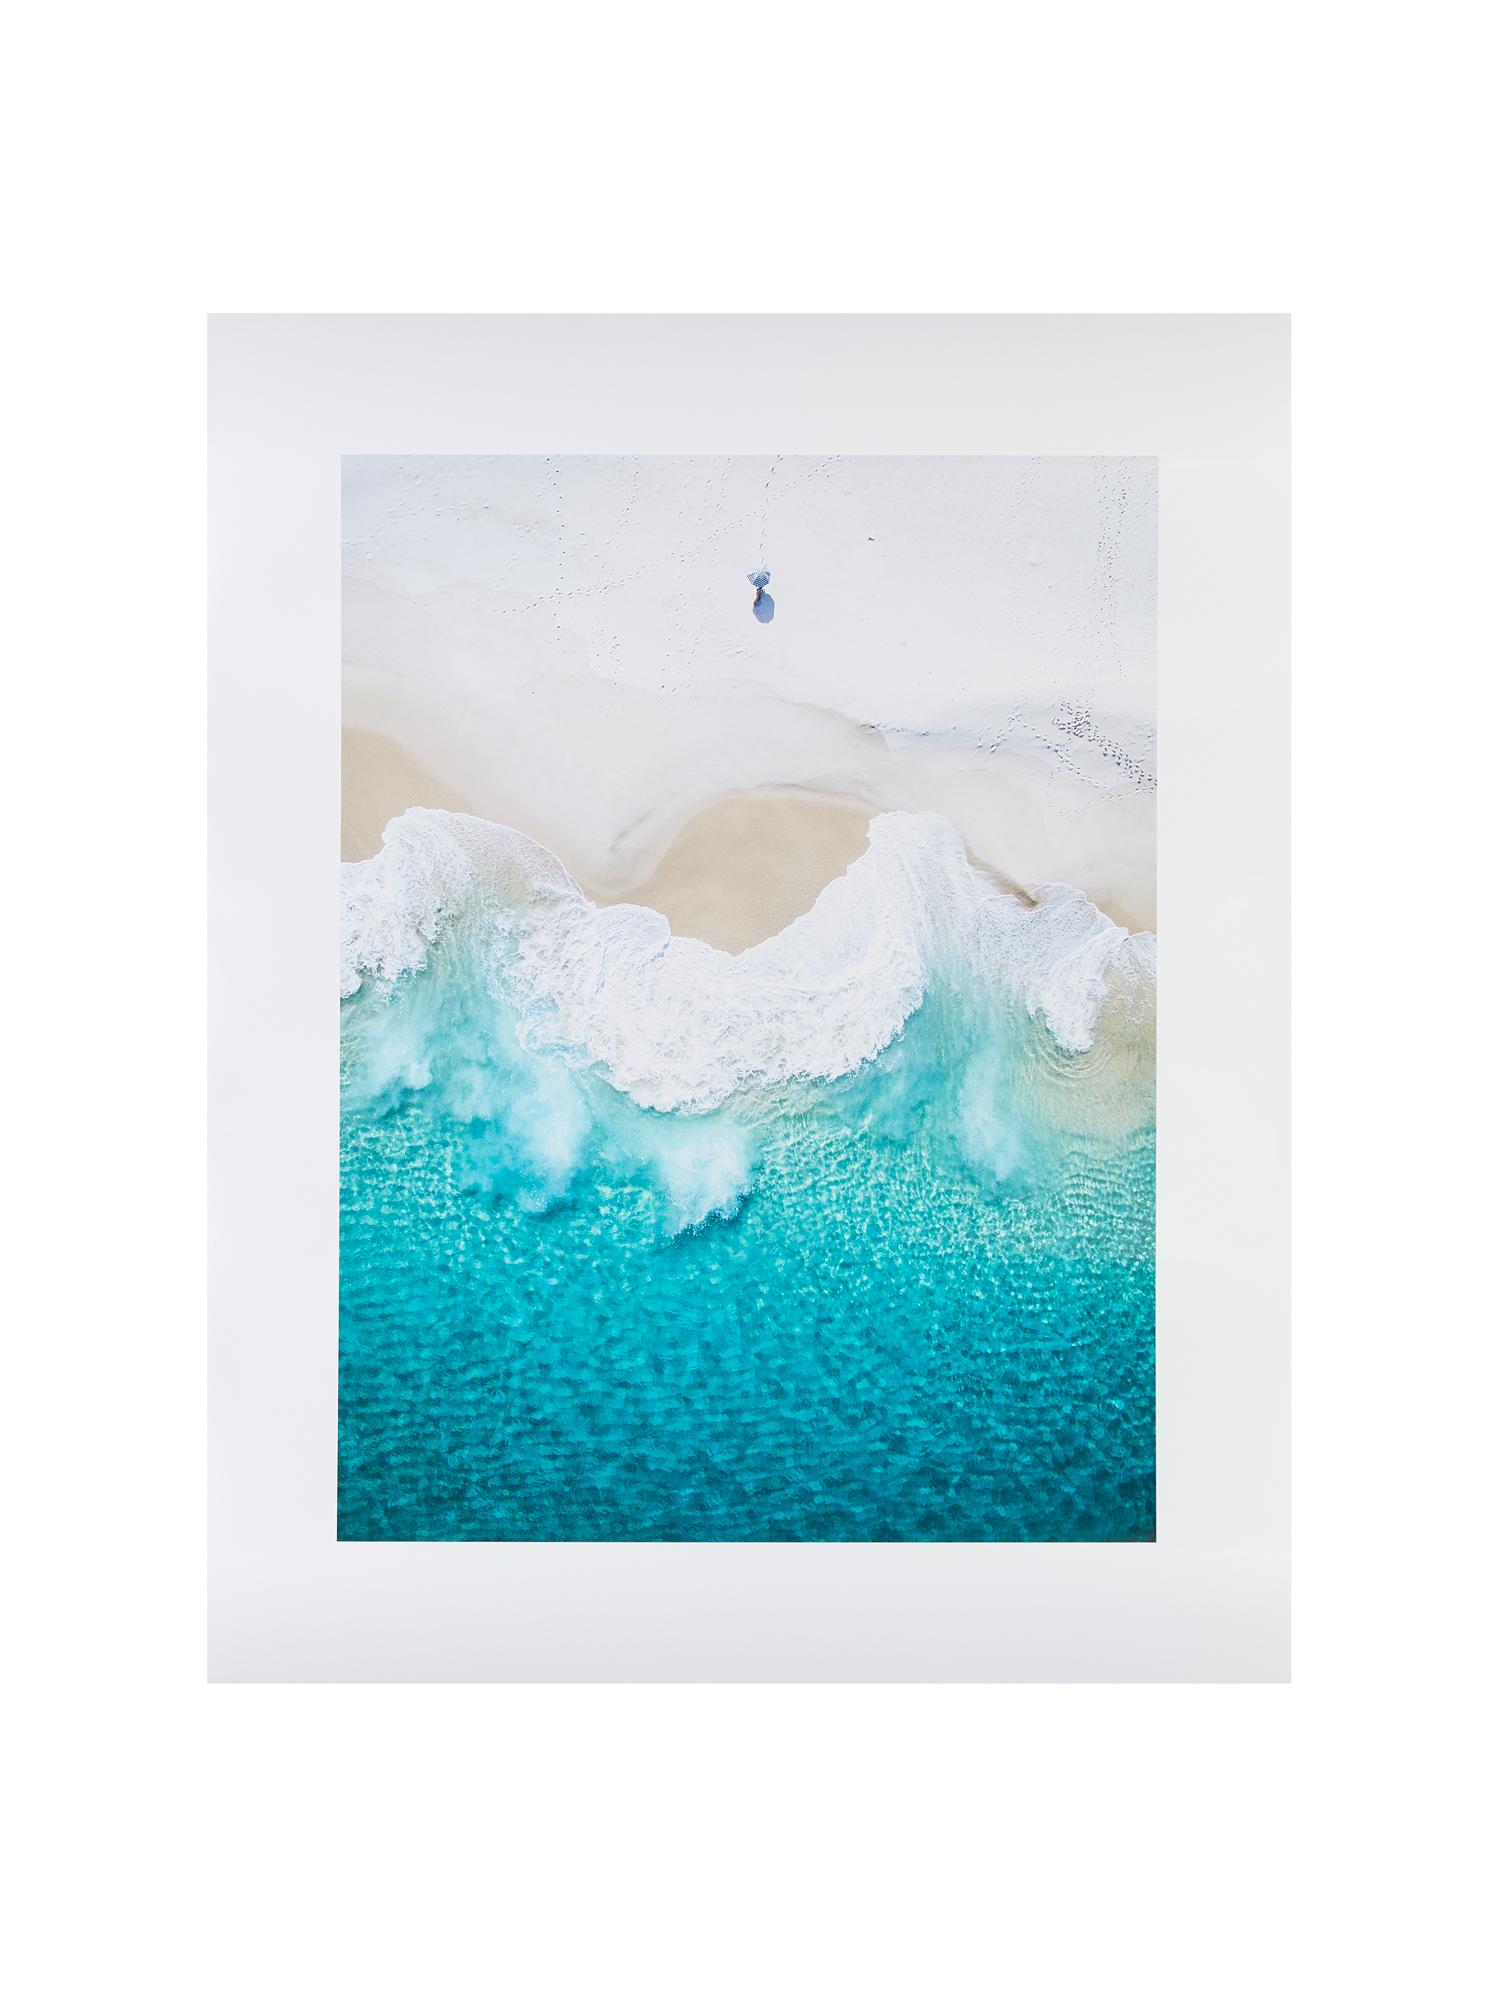 Salty Prints-218.jpg